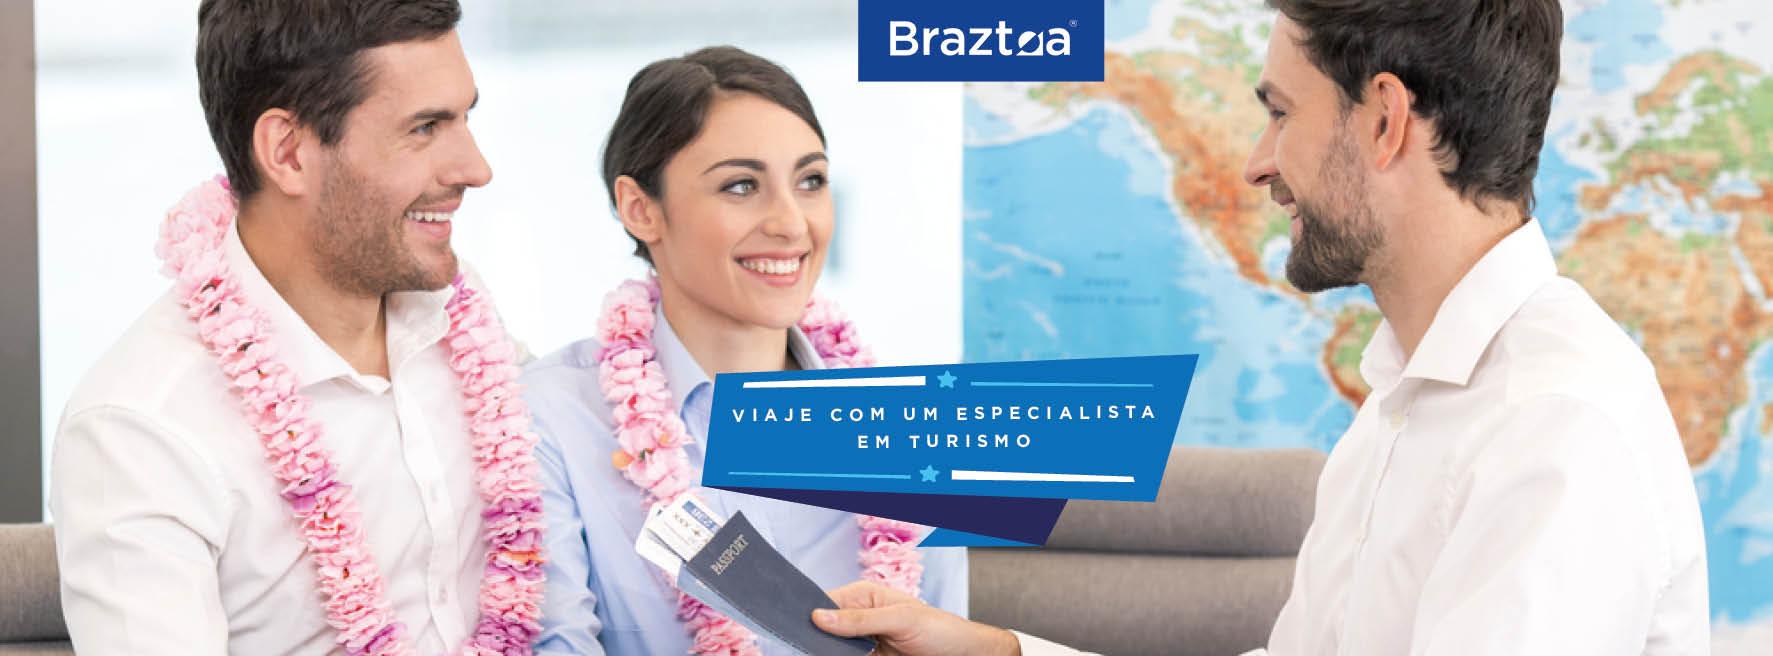 BRAZTOA - turismonline.net.br